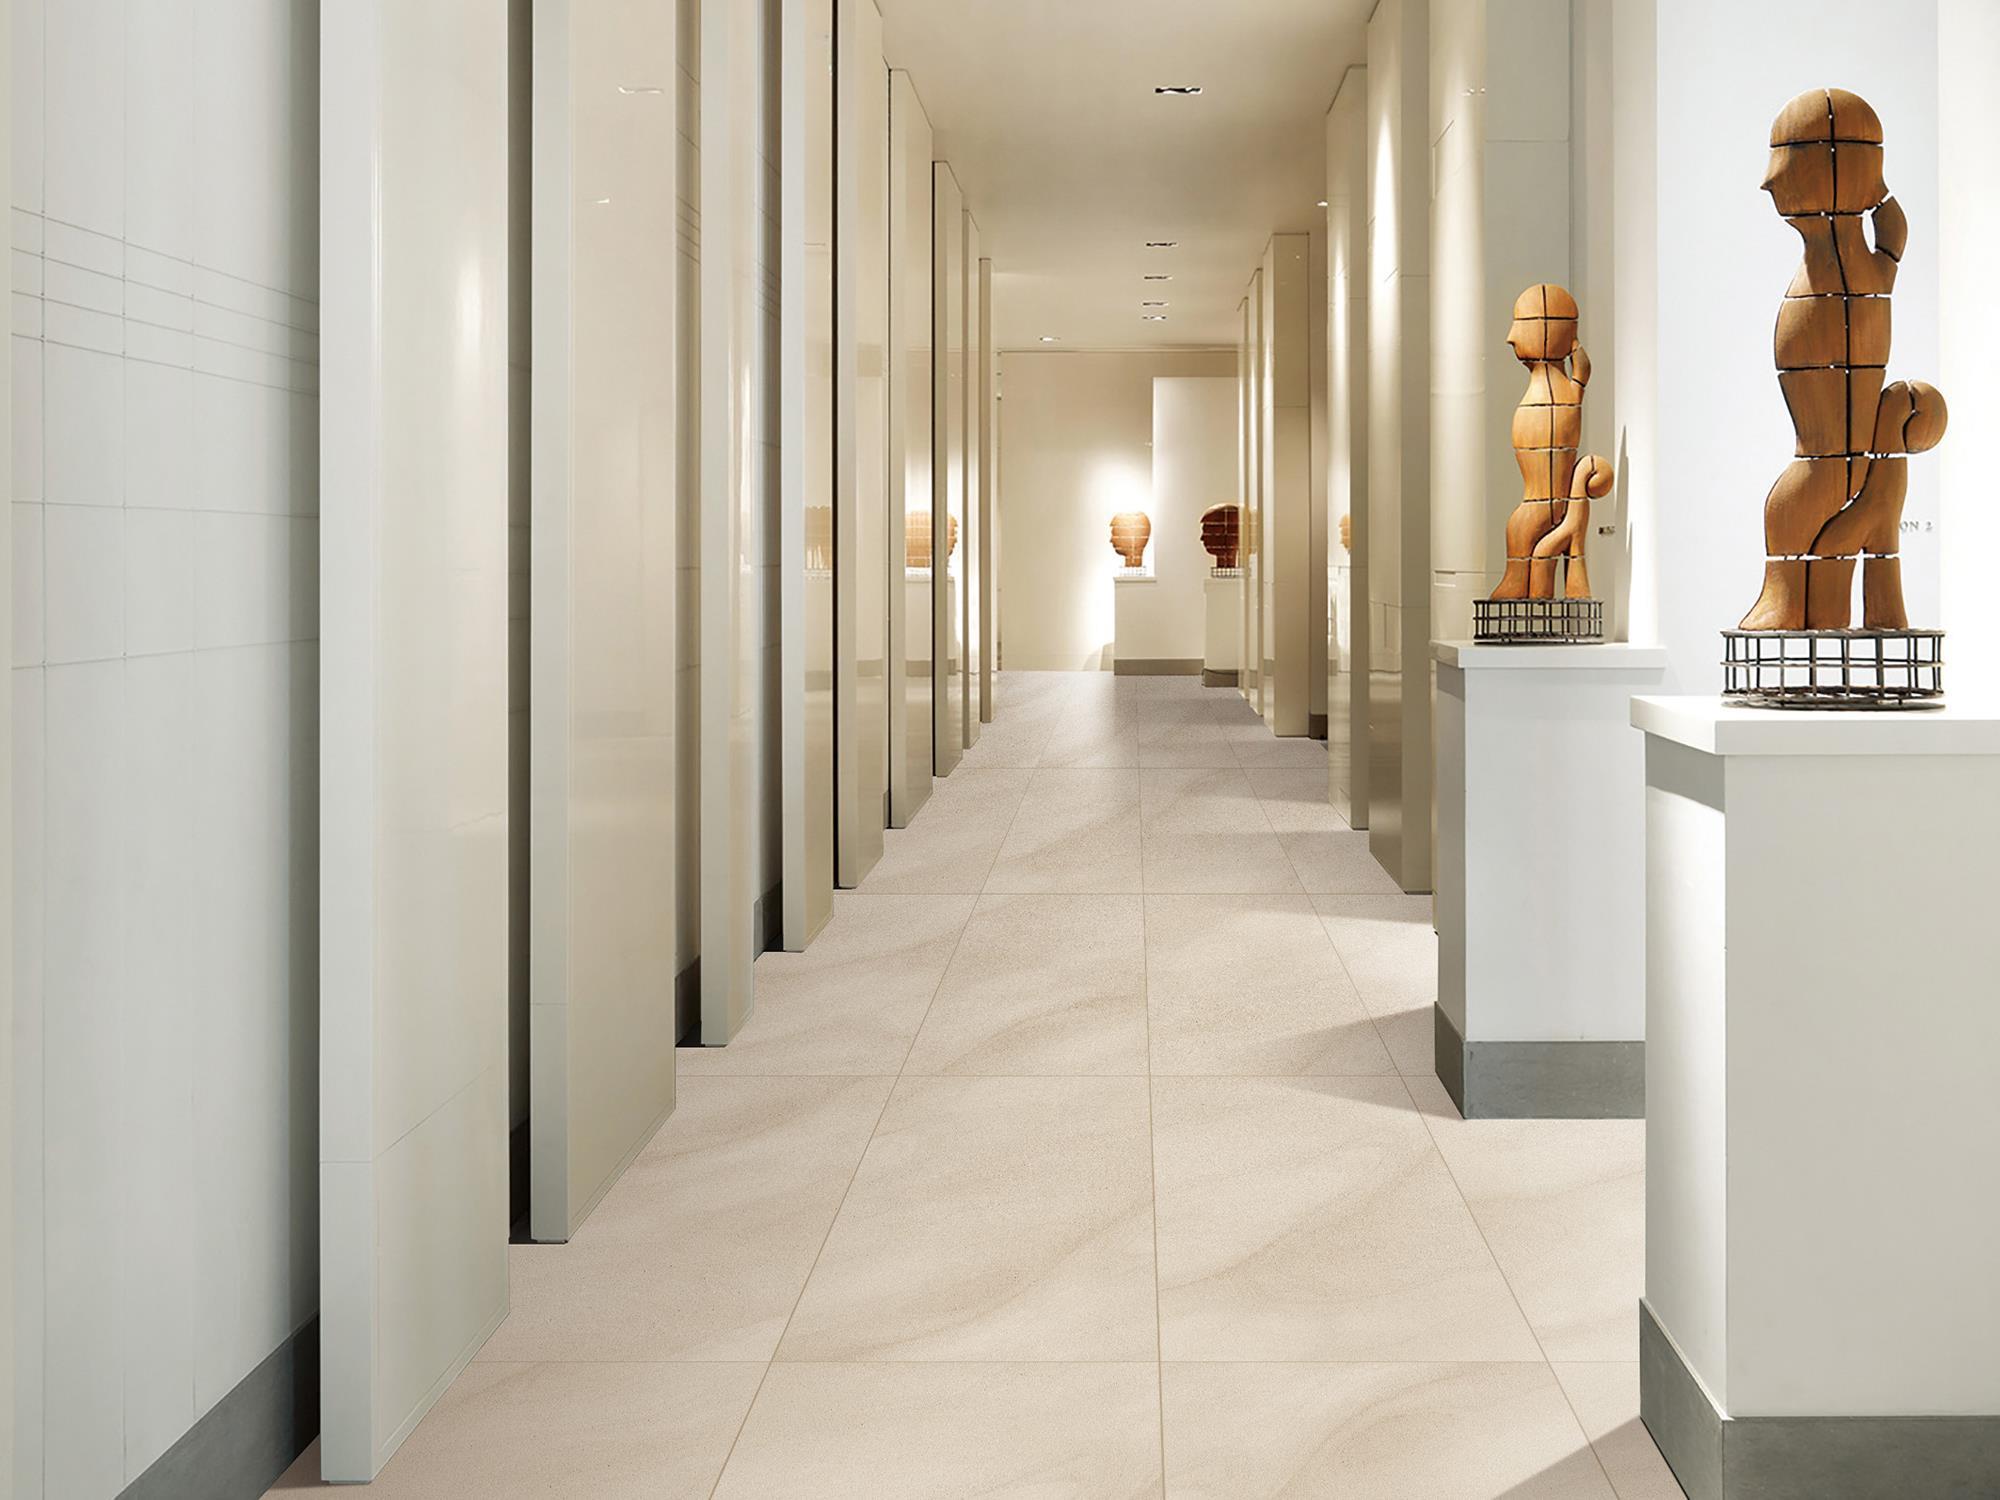 铭盛陶瓷仿古砖优缺点介绍  日常如何搭配更好看